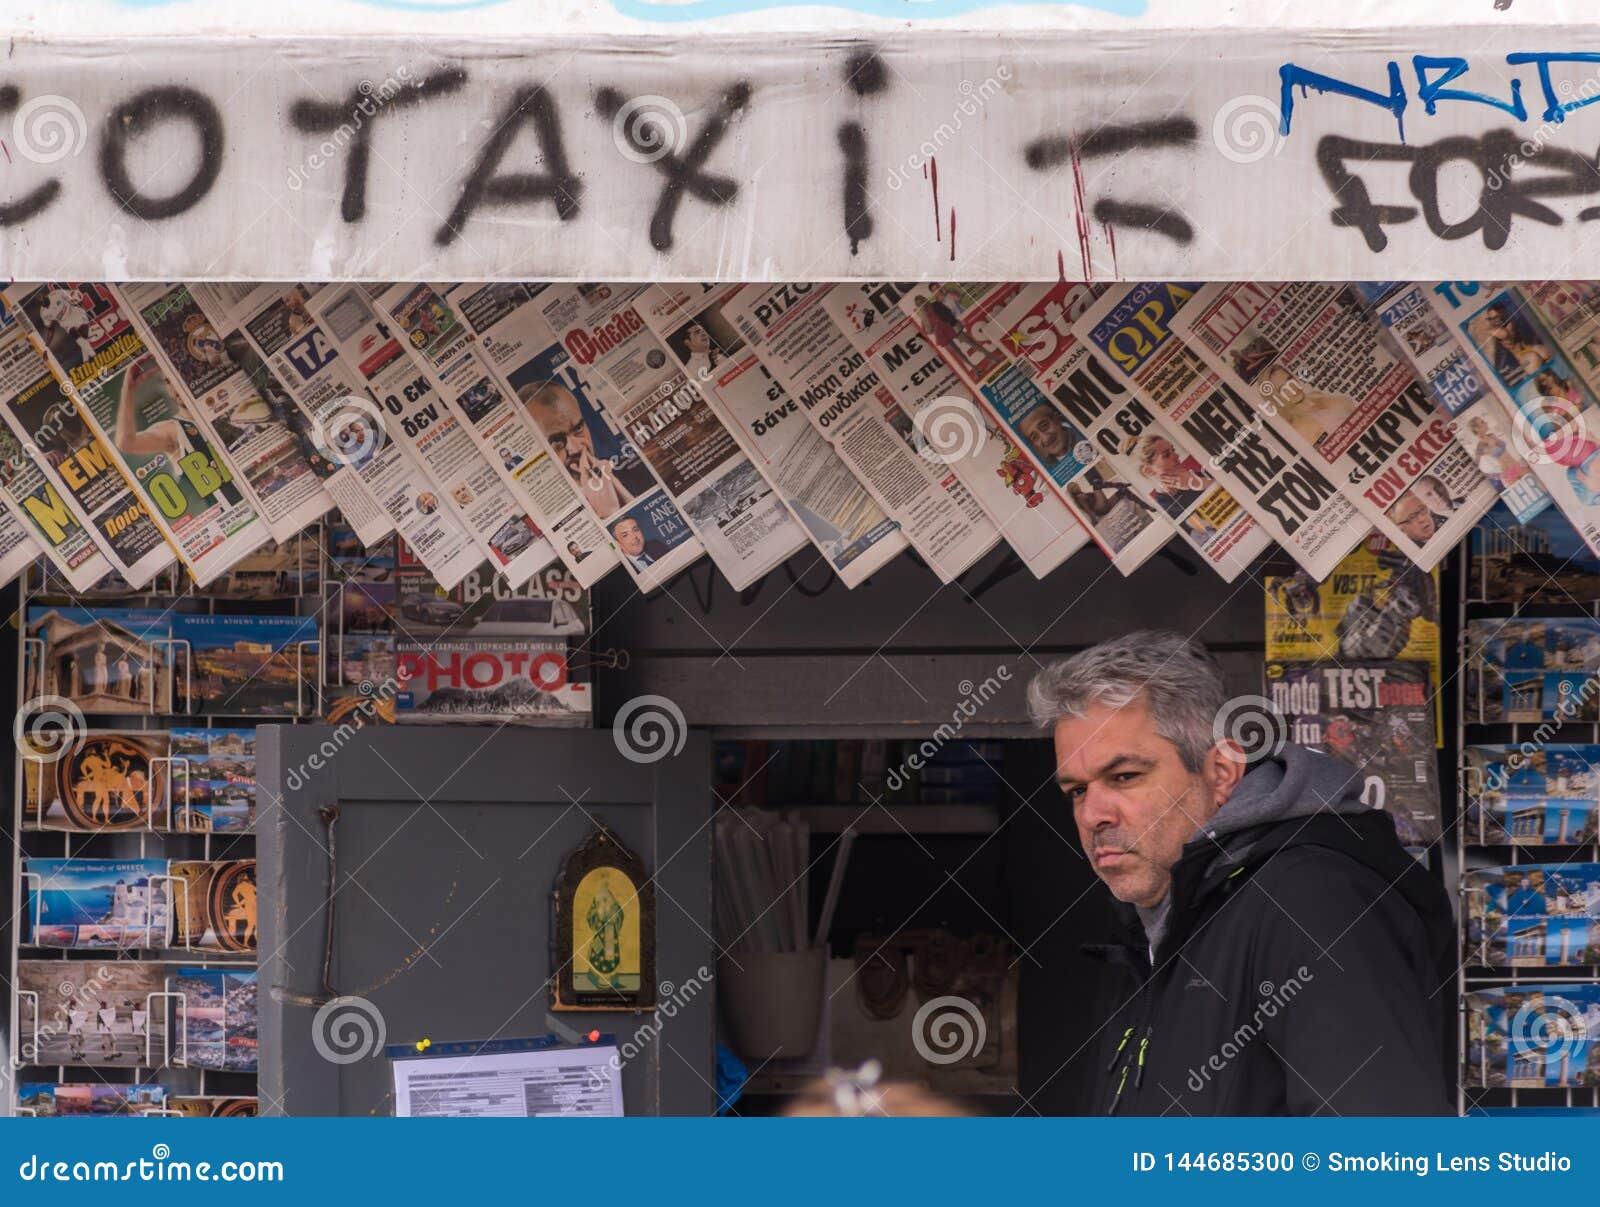 Газетный киоск, Monastiraki, Atyhens, Греция